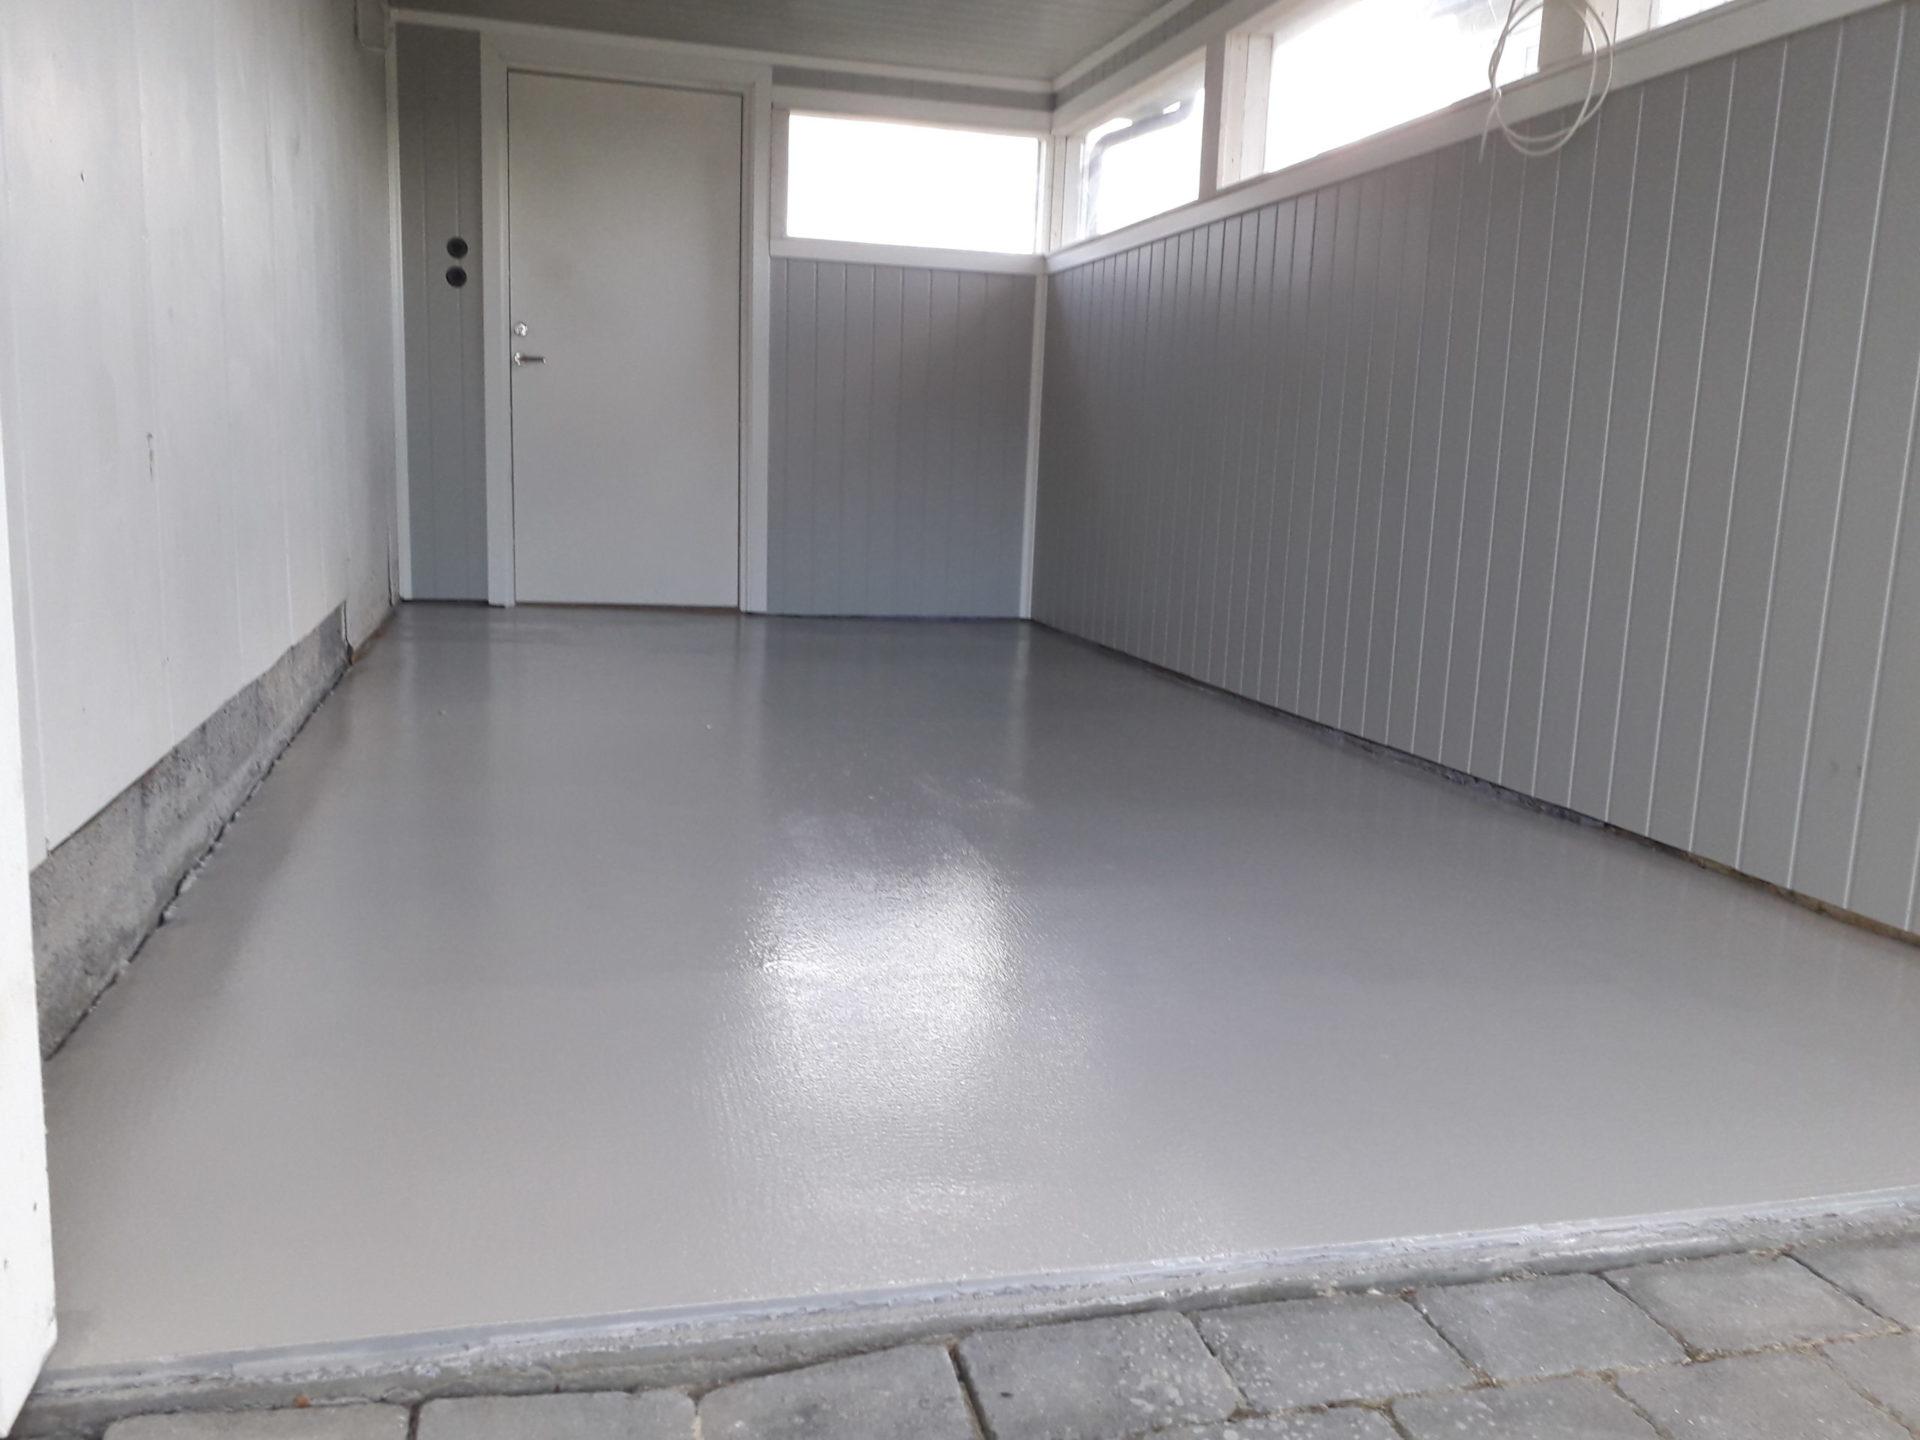 Gulv i garasje med epoxybelegg